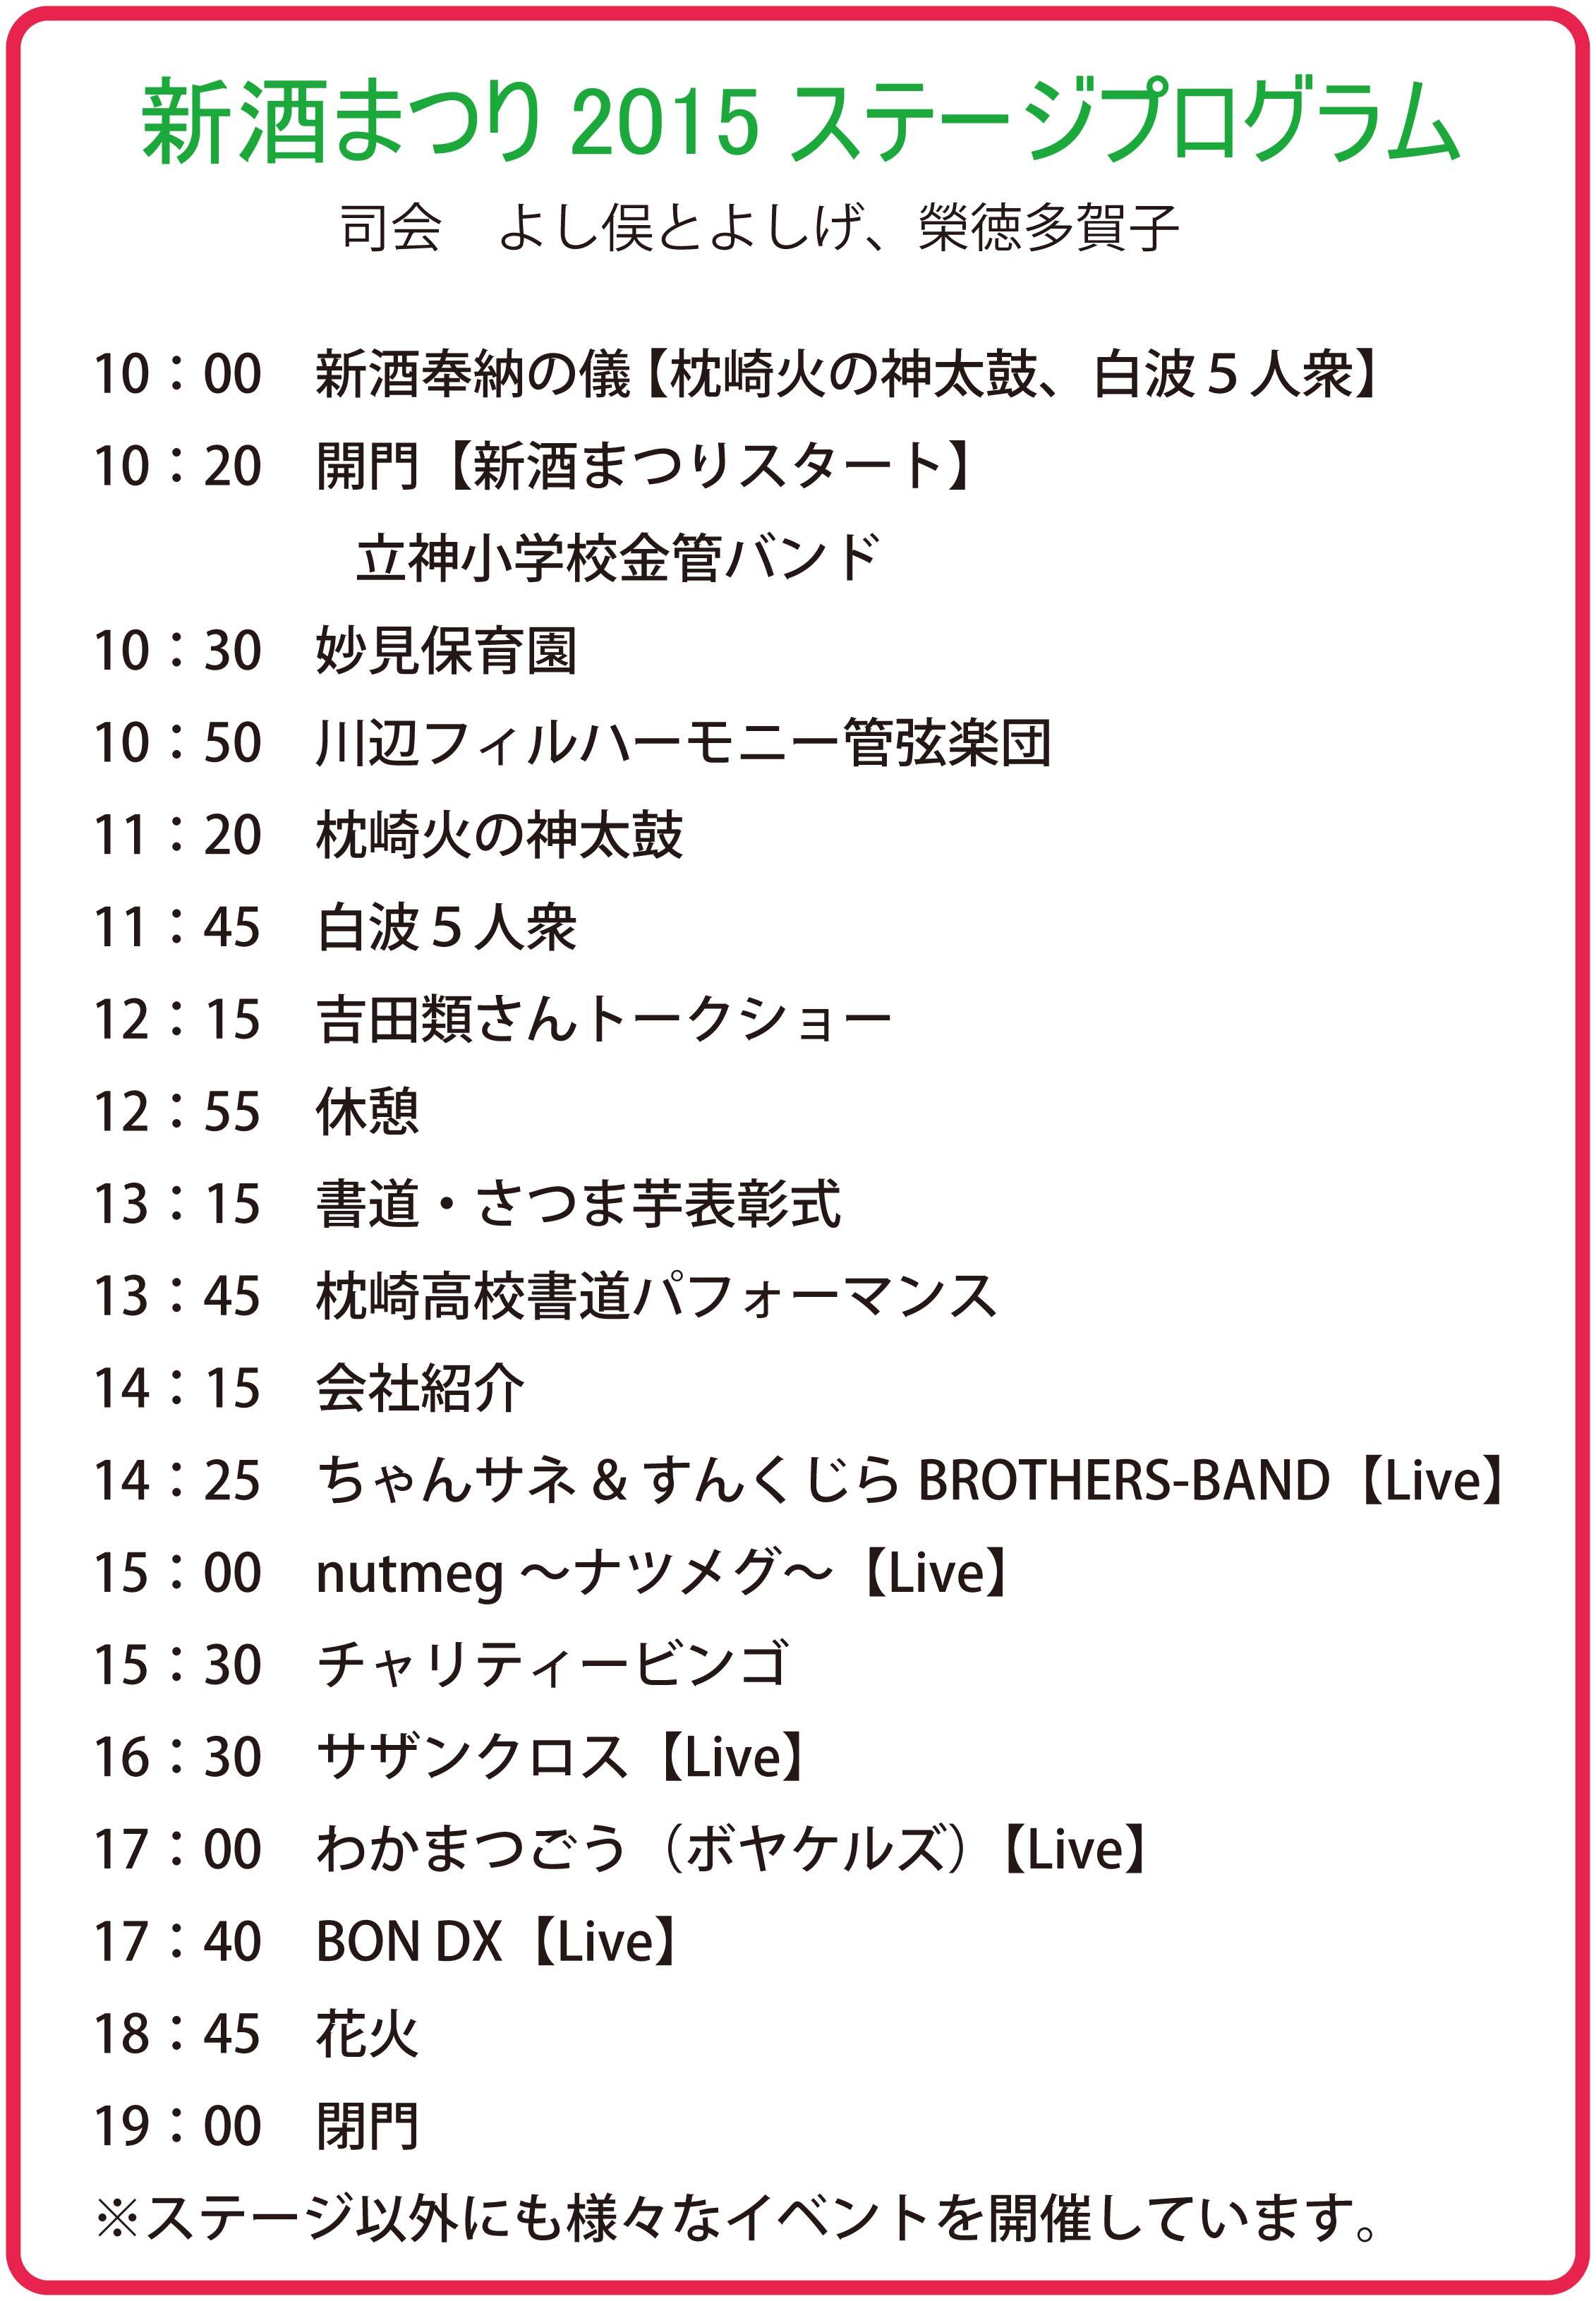 新酒まつり2015ステージプログラム.jpg